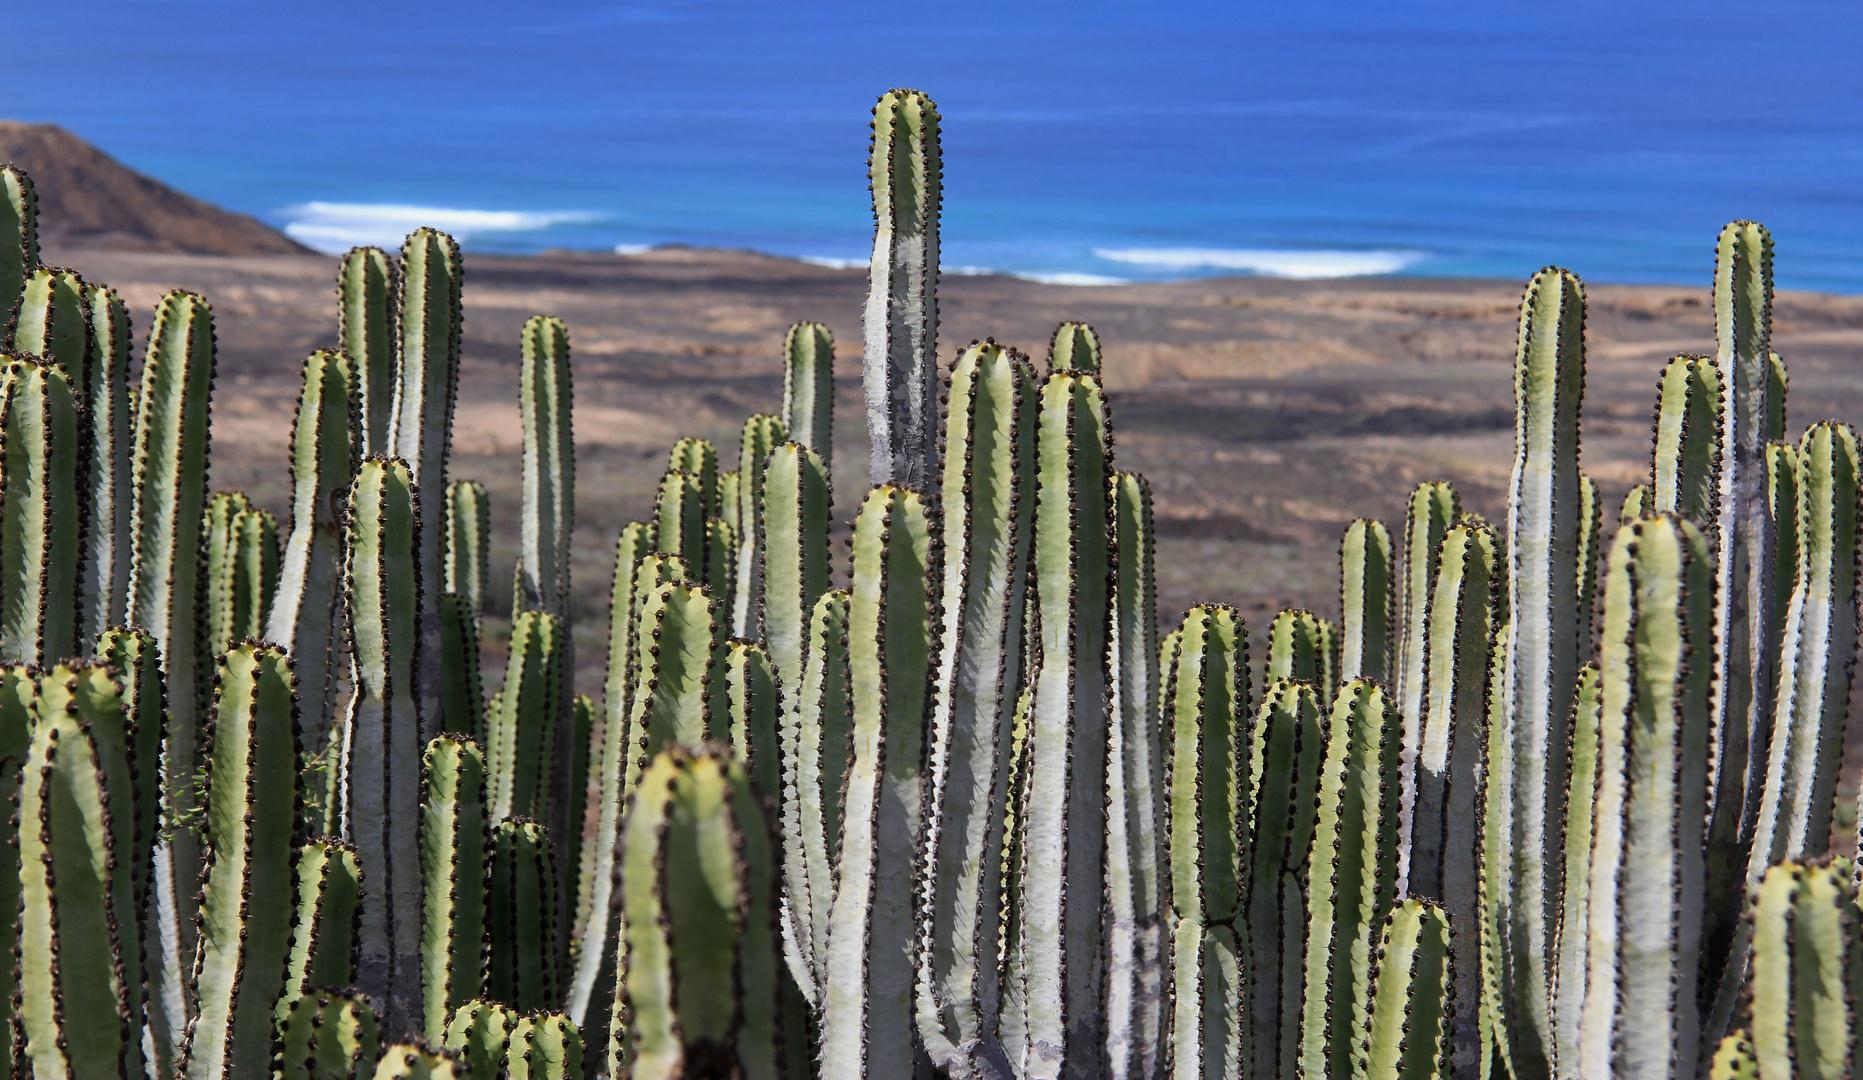 Cactuses in Fuerte